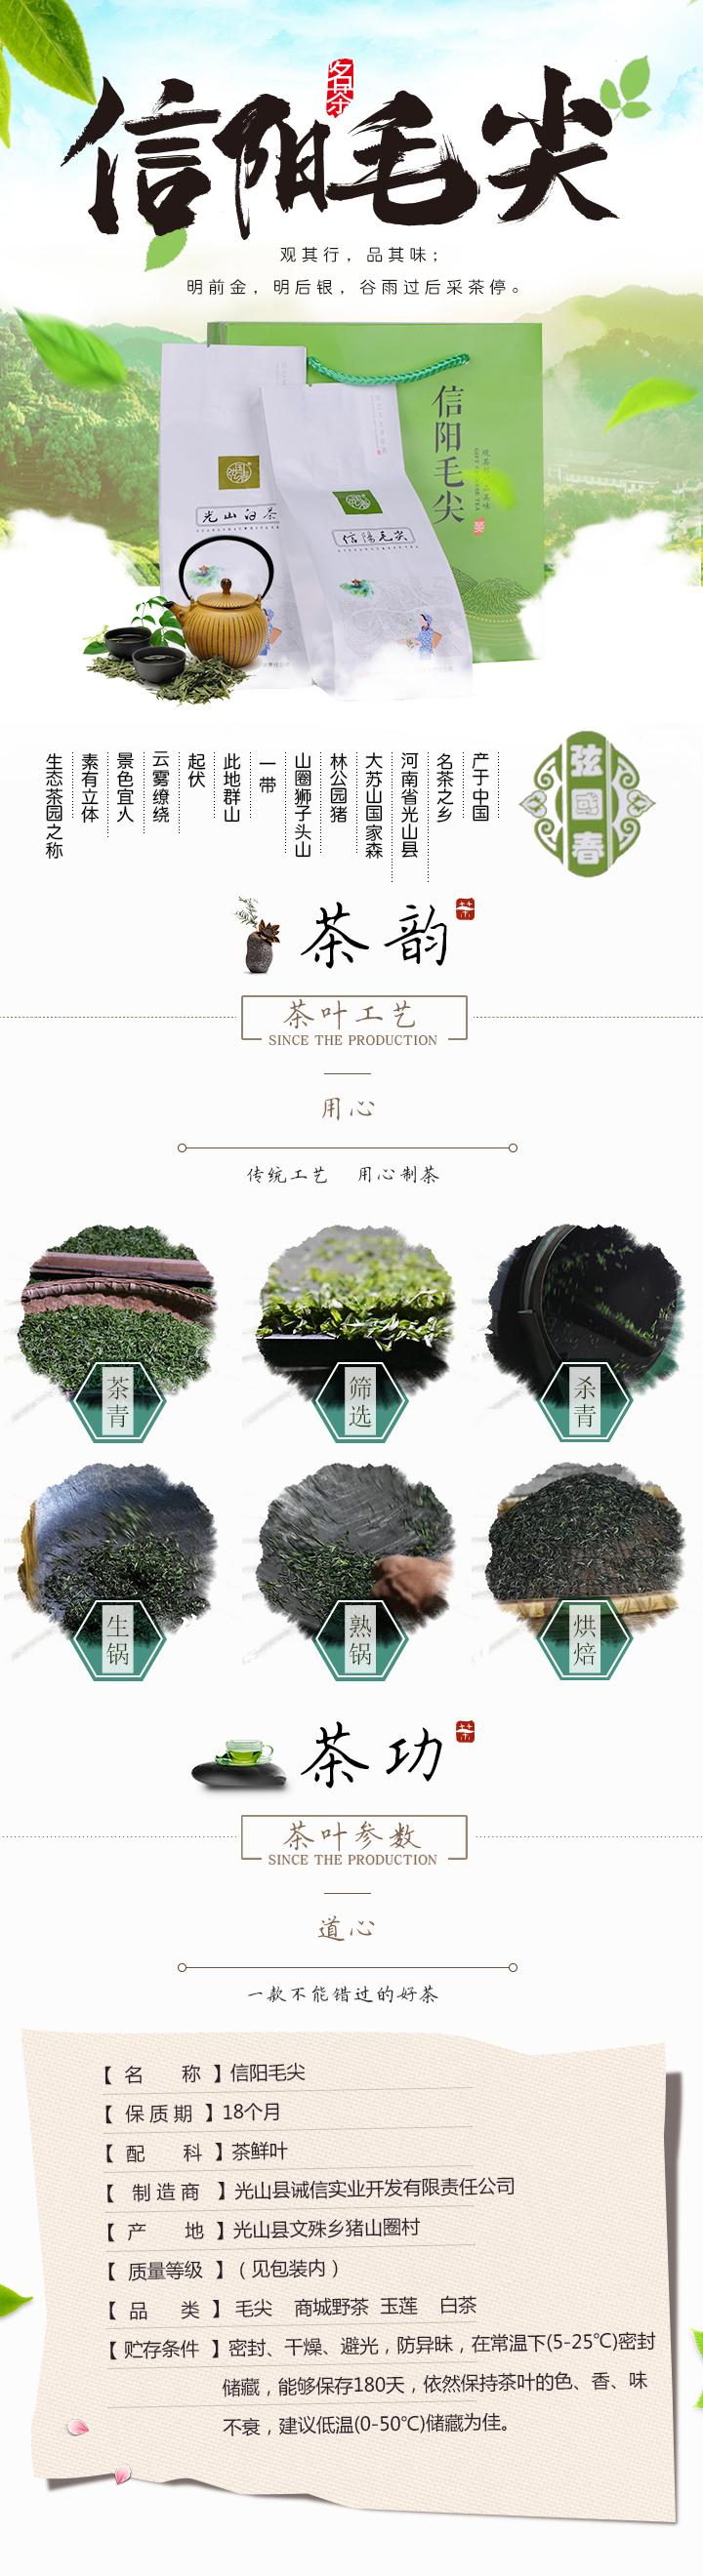 信陽毛尖詳情圖(1) - 副本.jpg